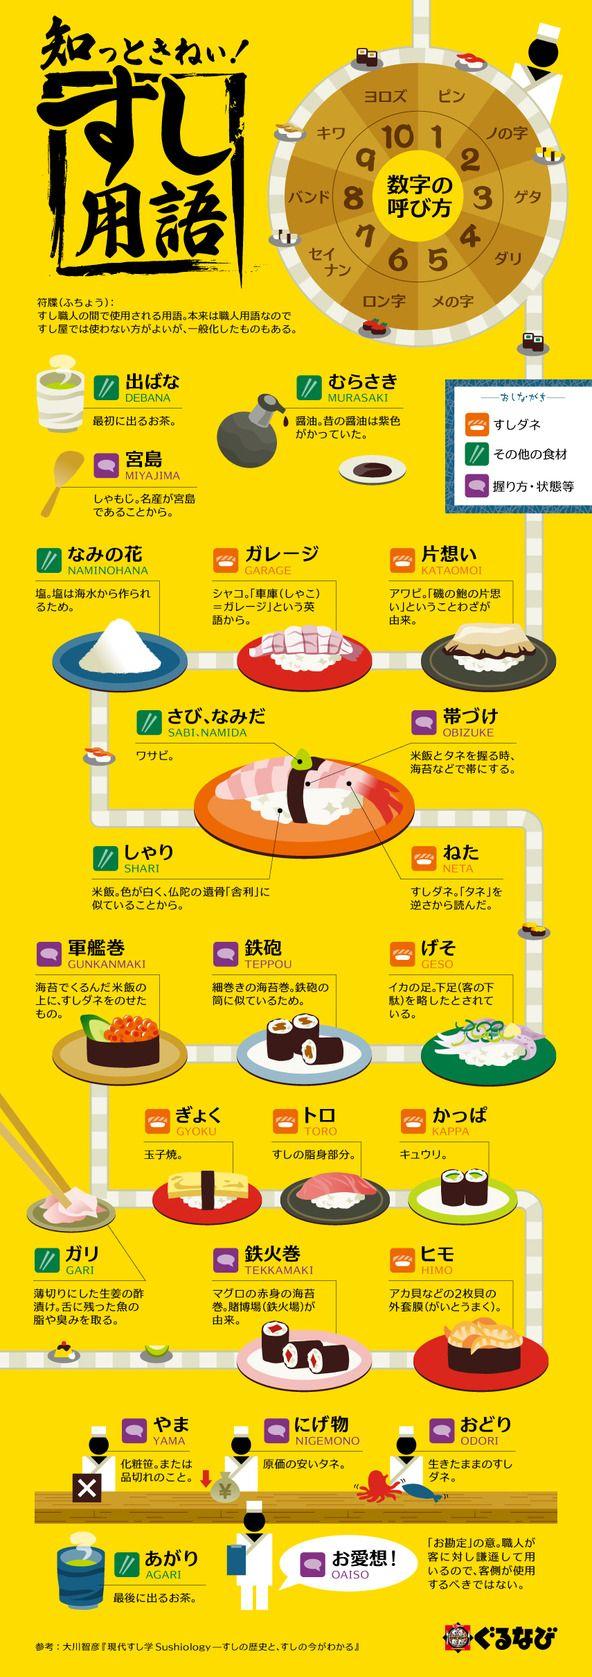 知っているようで知らない?お寿司屋さんの符牒(ふちょう)をまとめたインフォグラフィック